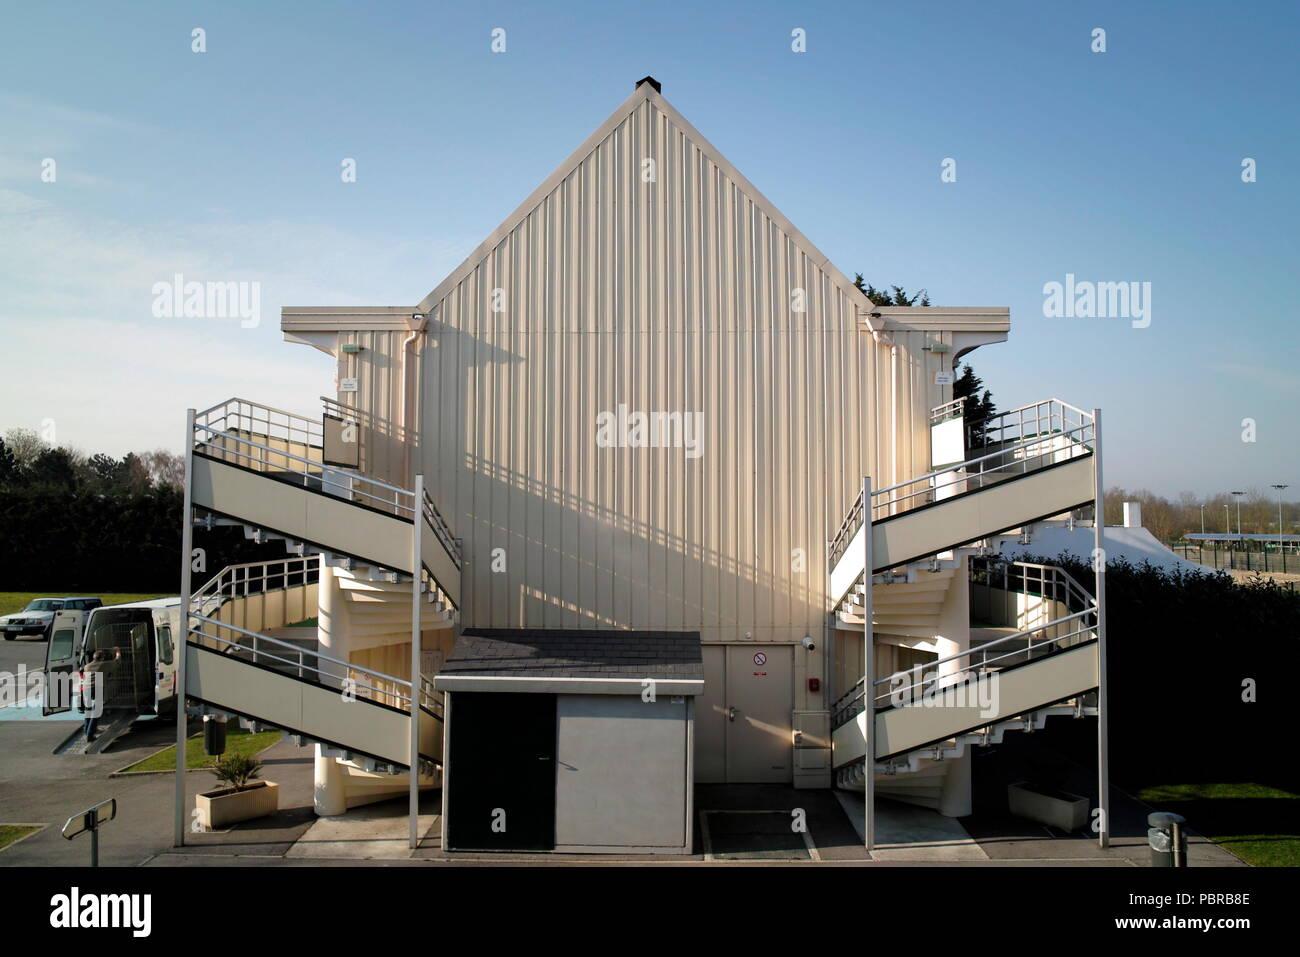 AJAXNETPHOTO. AMIENS_france. - PREMIERE CLASSE - Alojamiento en un hotel en los suburbios. Foto:Jonathan EASTLAND/AJAX Ref:81604_124 Imagen De Stock